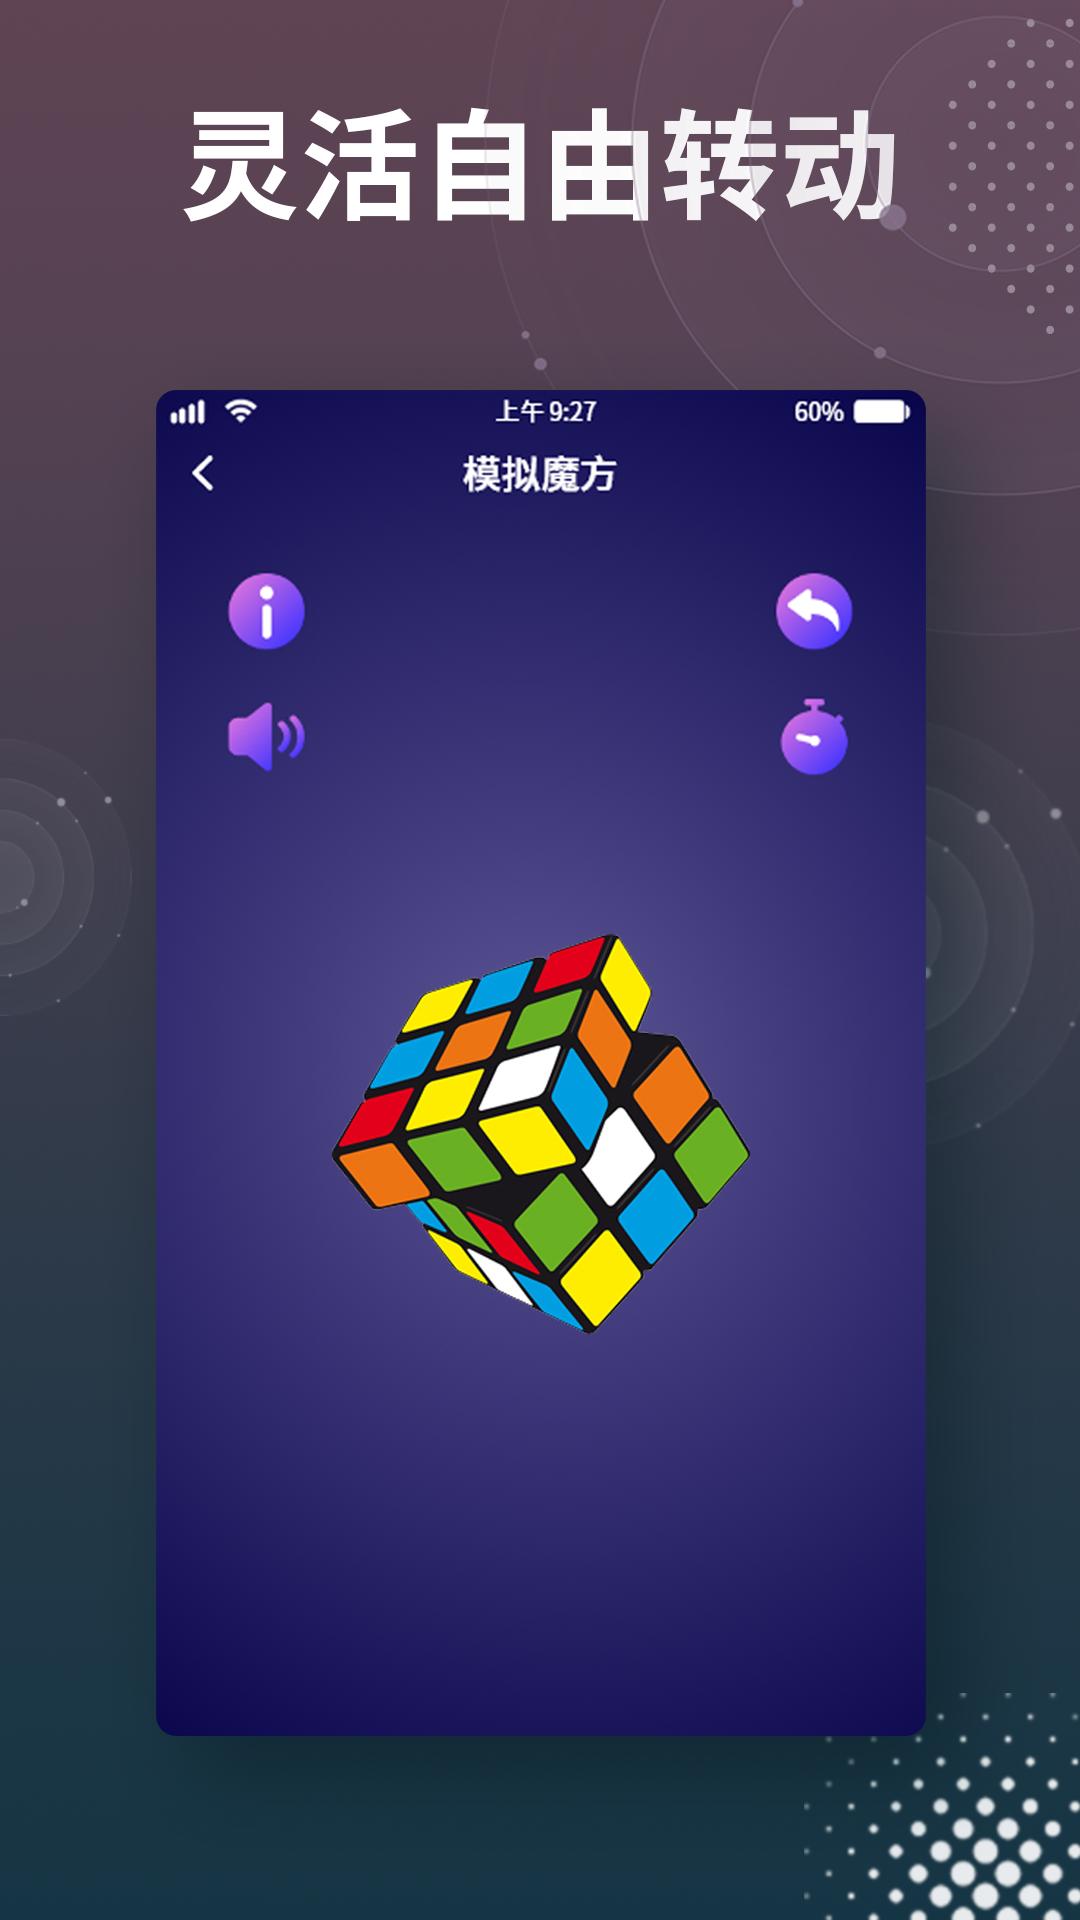 魔方还原app官方版v2.0.1正式版截图3